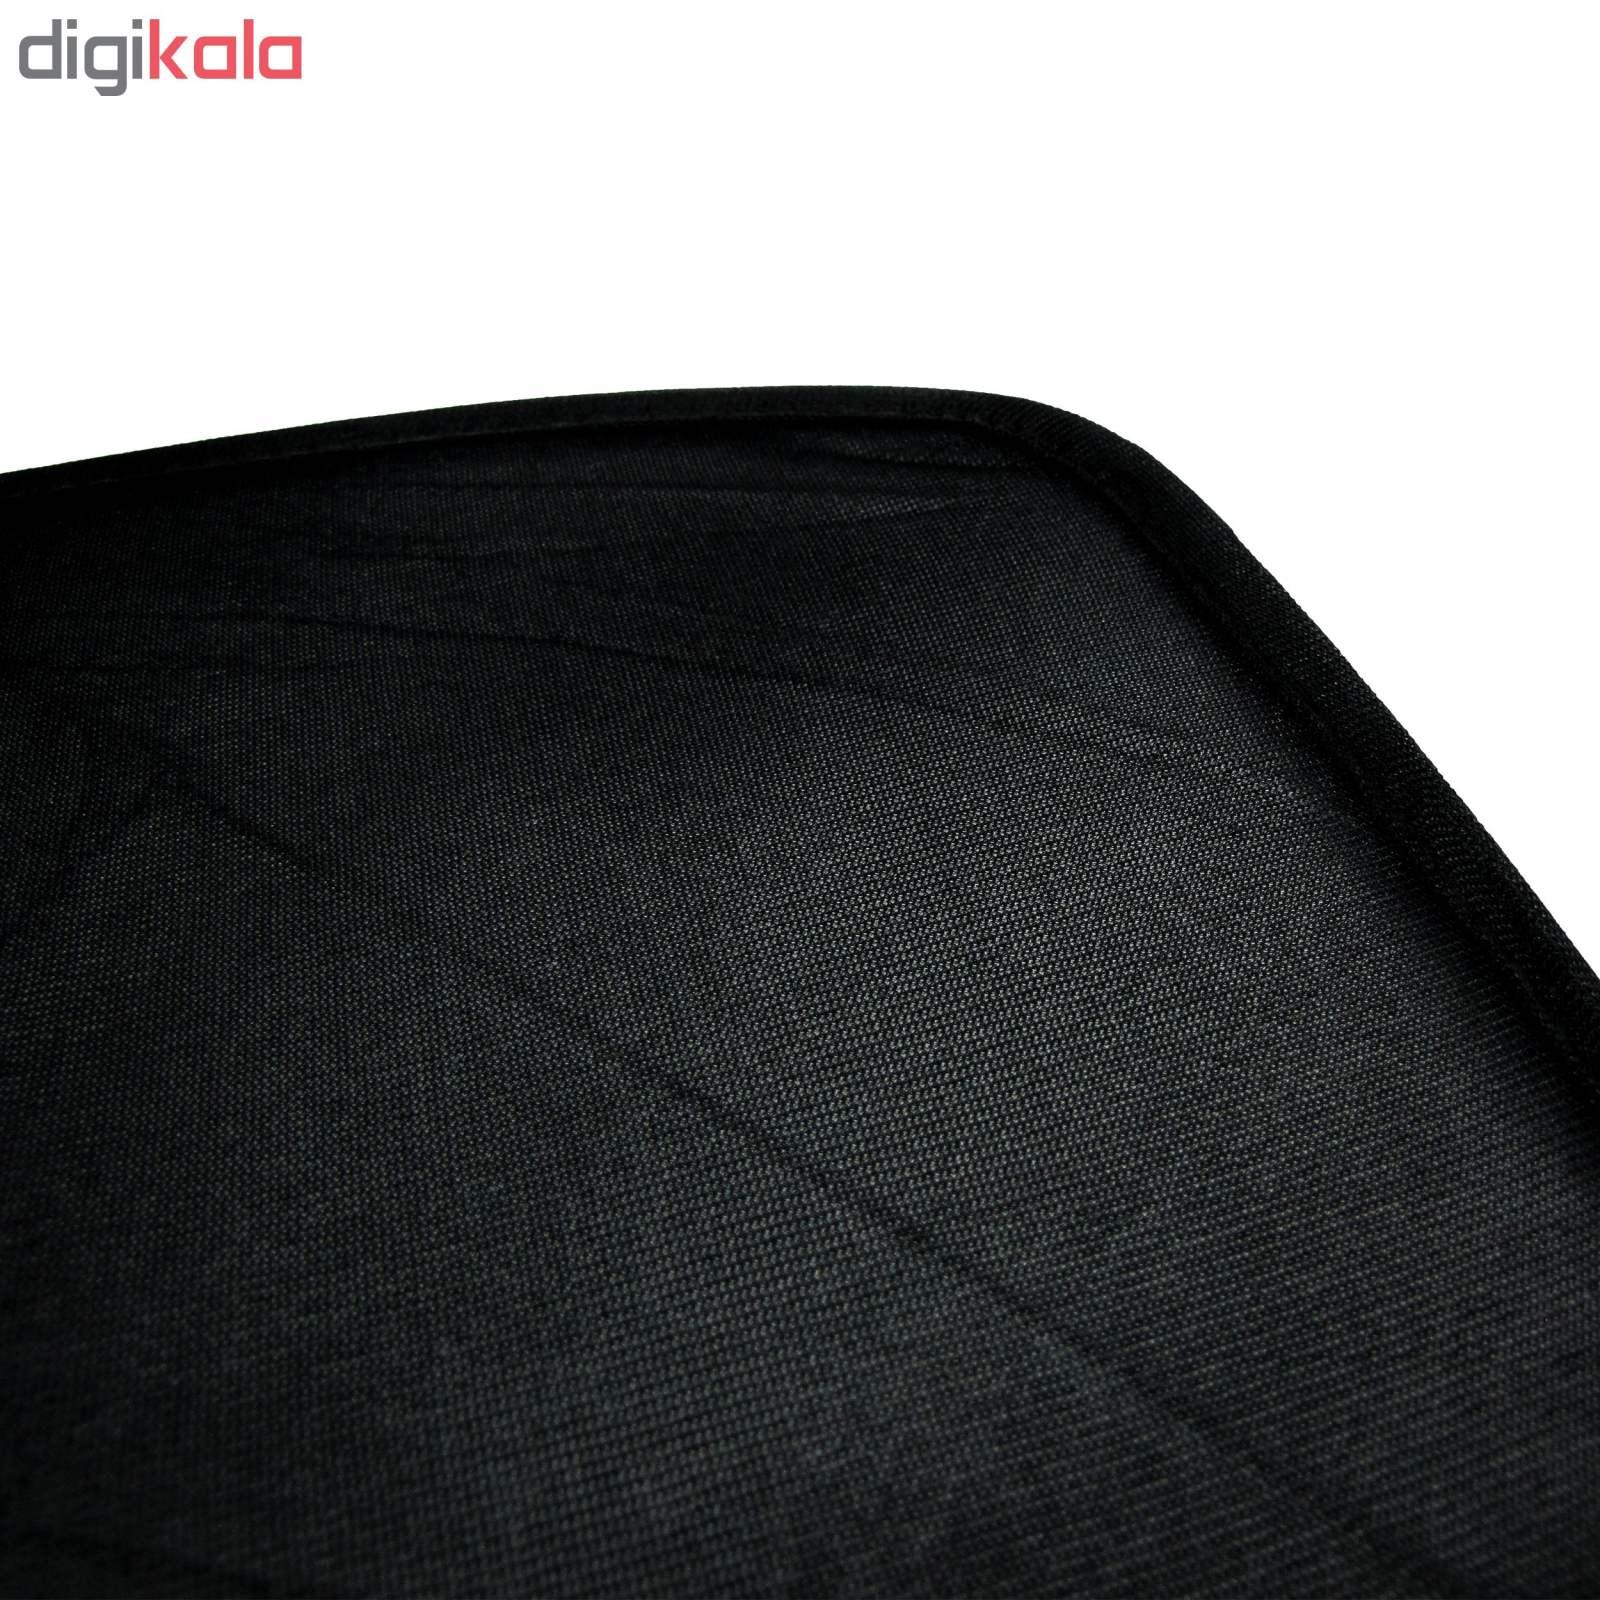 آفتاب گیر شیشه خودرو مناسب برای پراید بسته 4 عددی